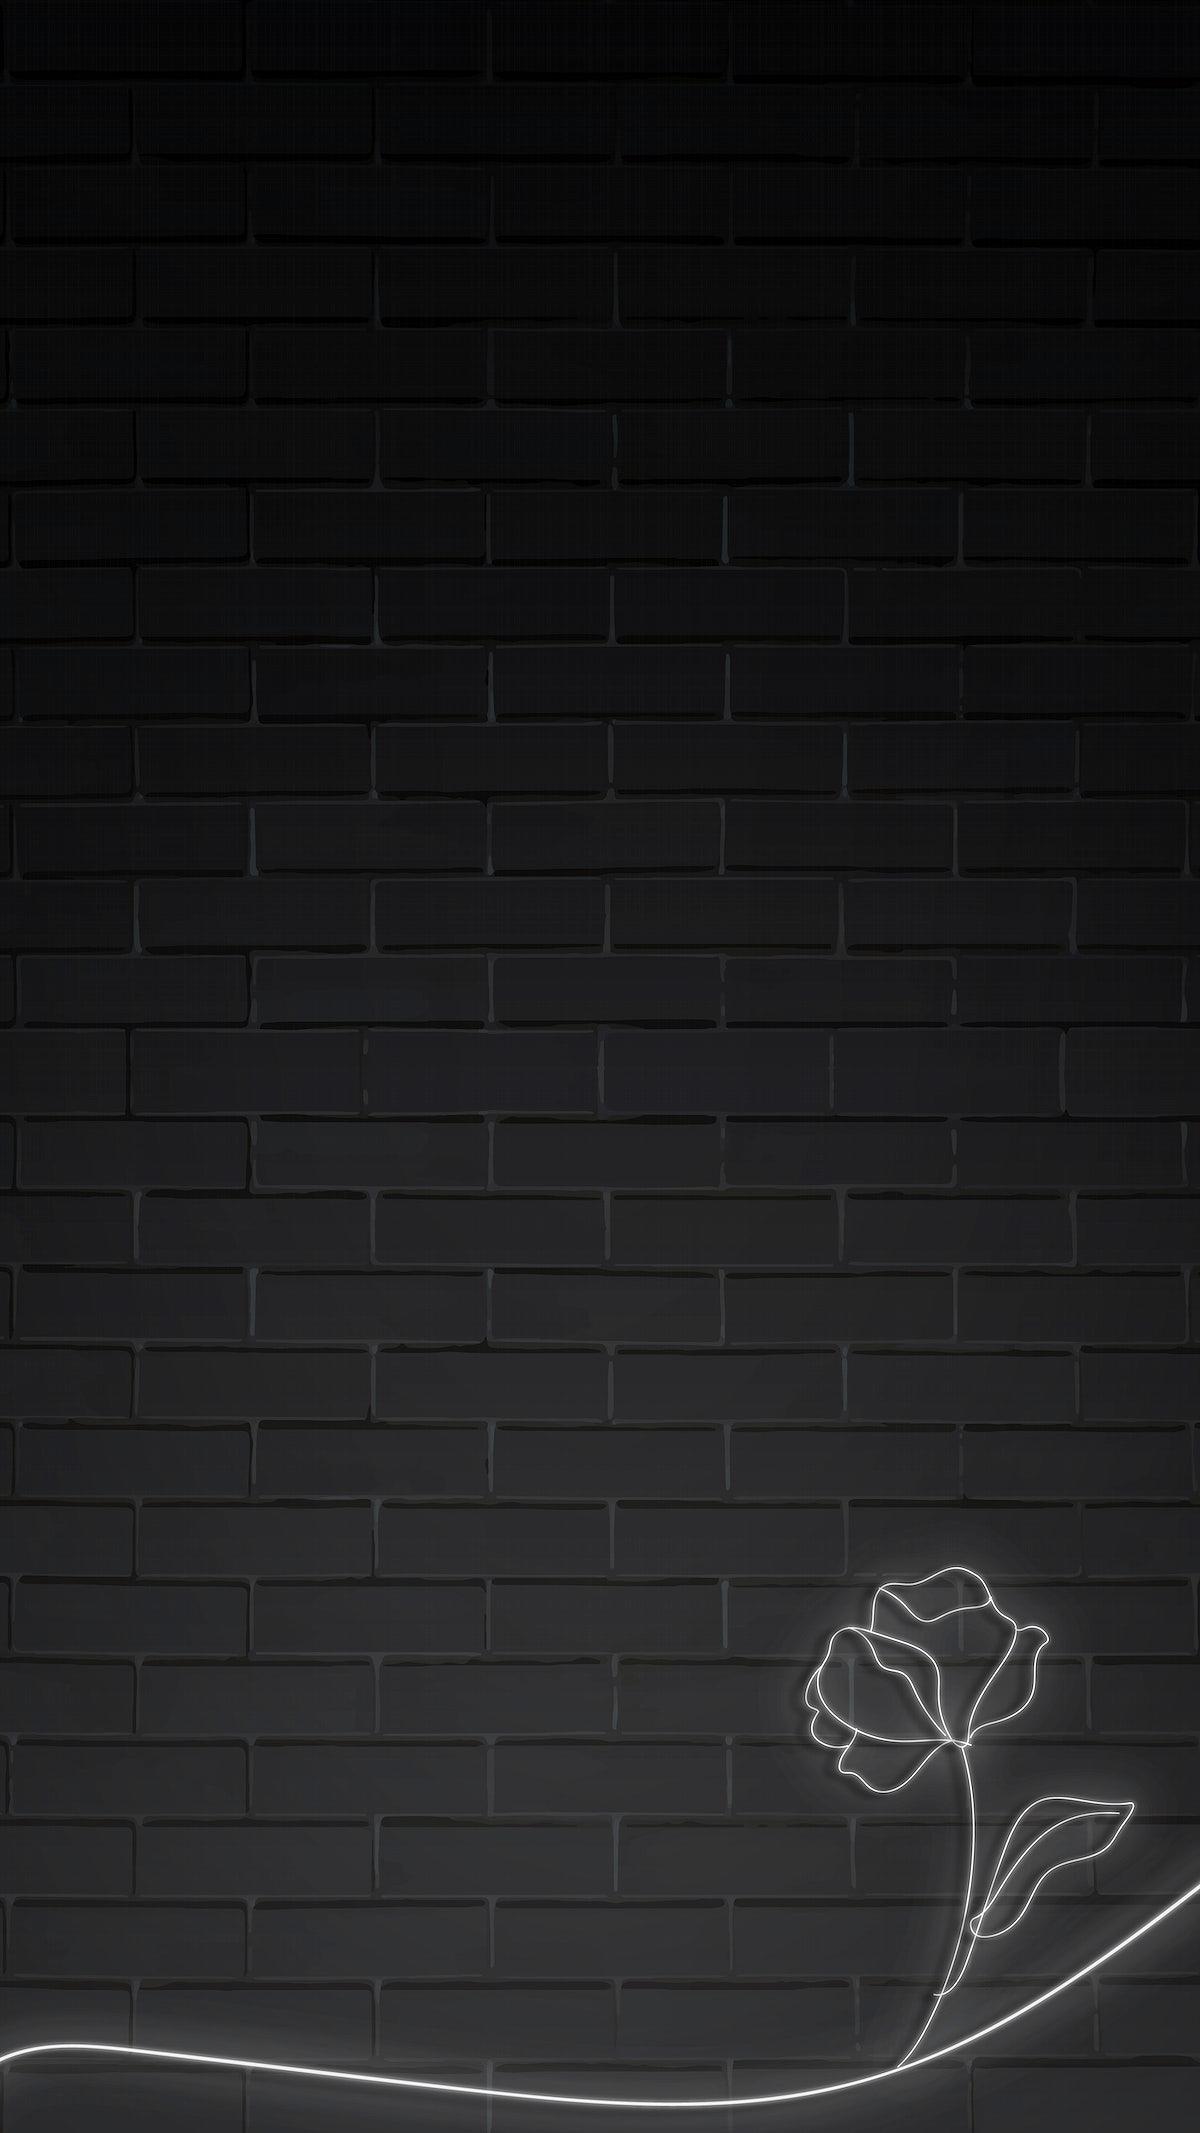 Flower On Black Mobile Wallpaper Royalty Free Vector 2037310